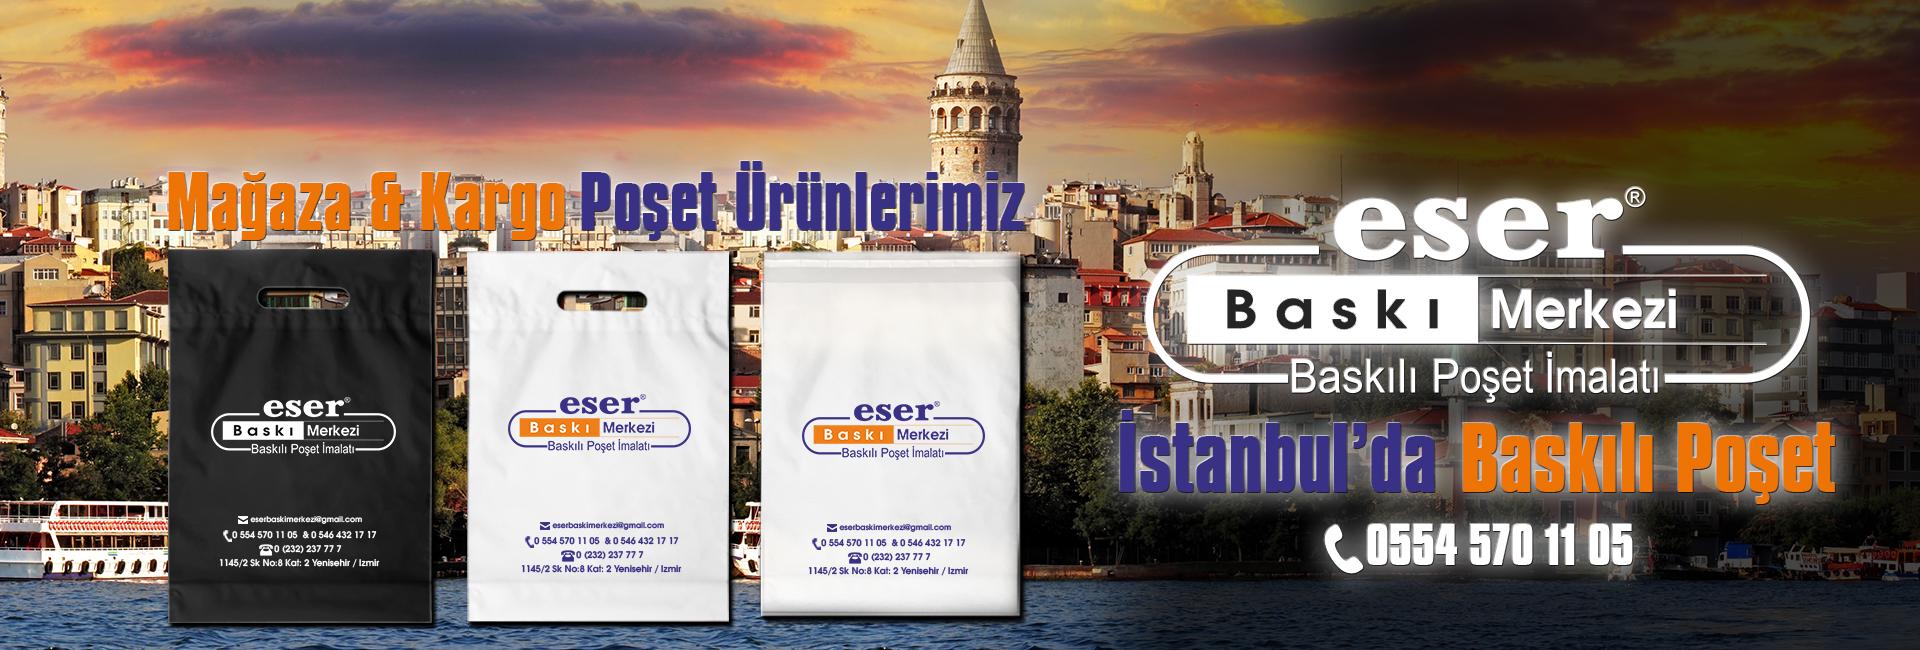 İstanbul Baskılı Poşet